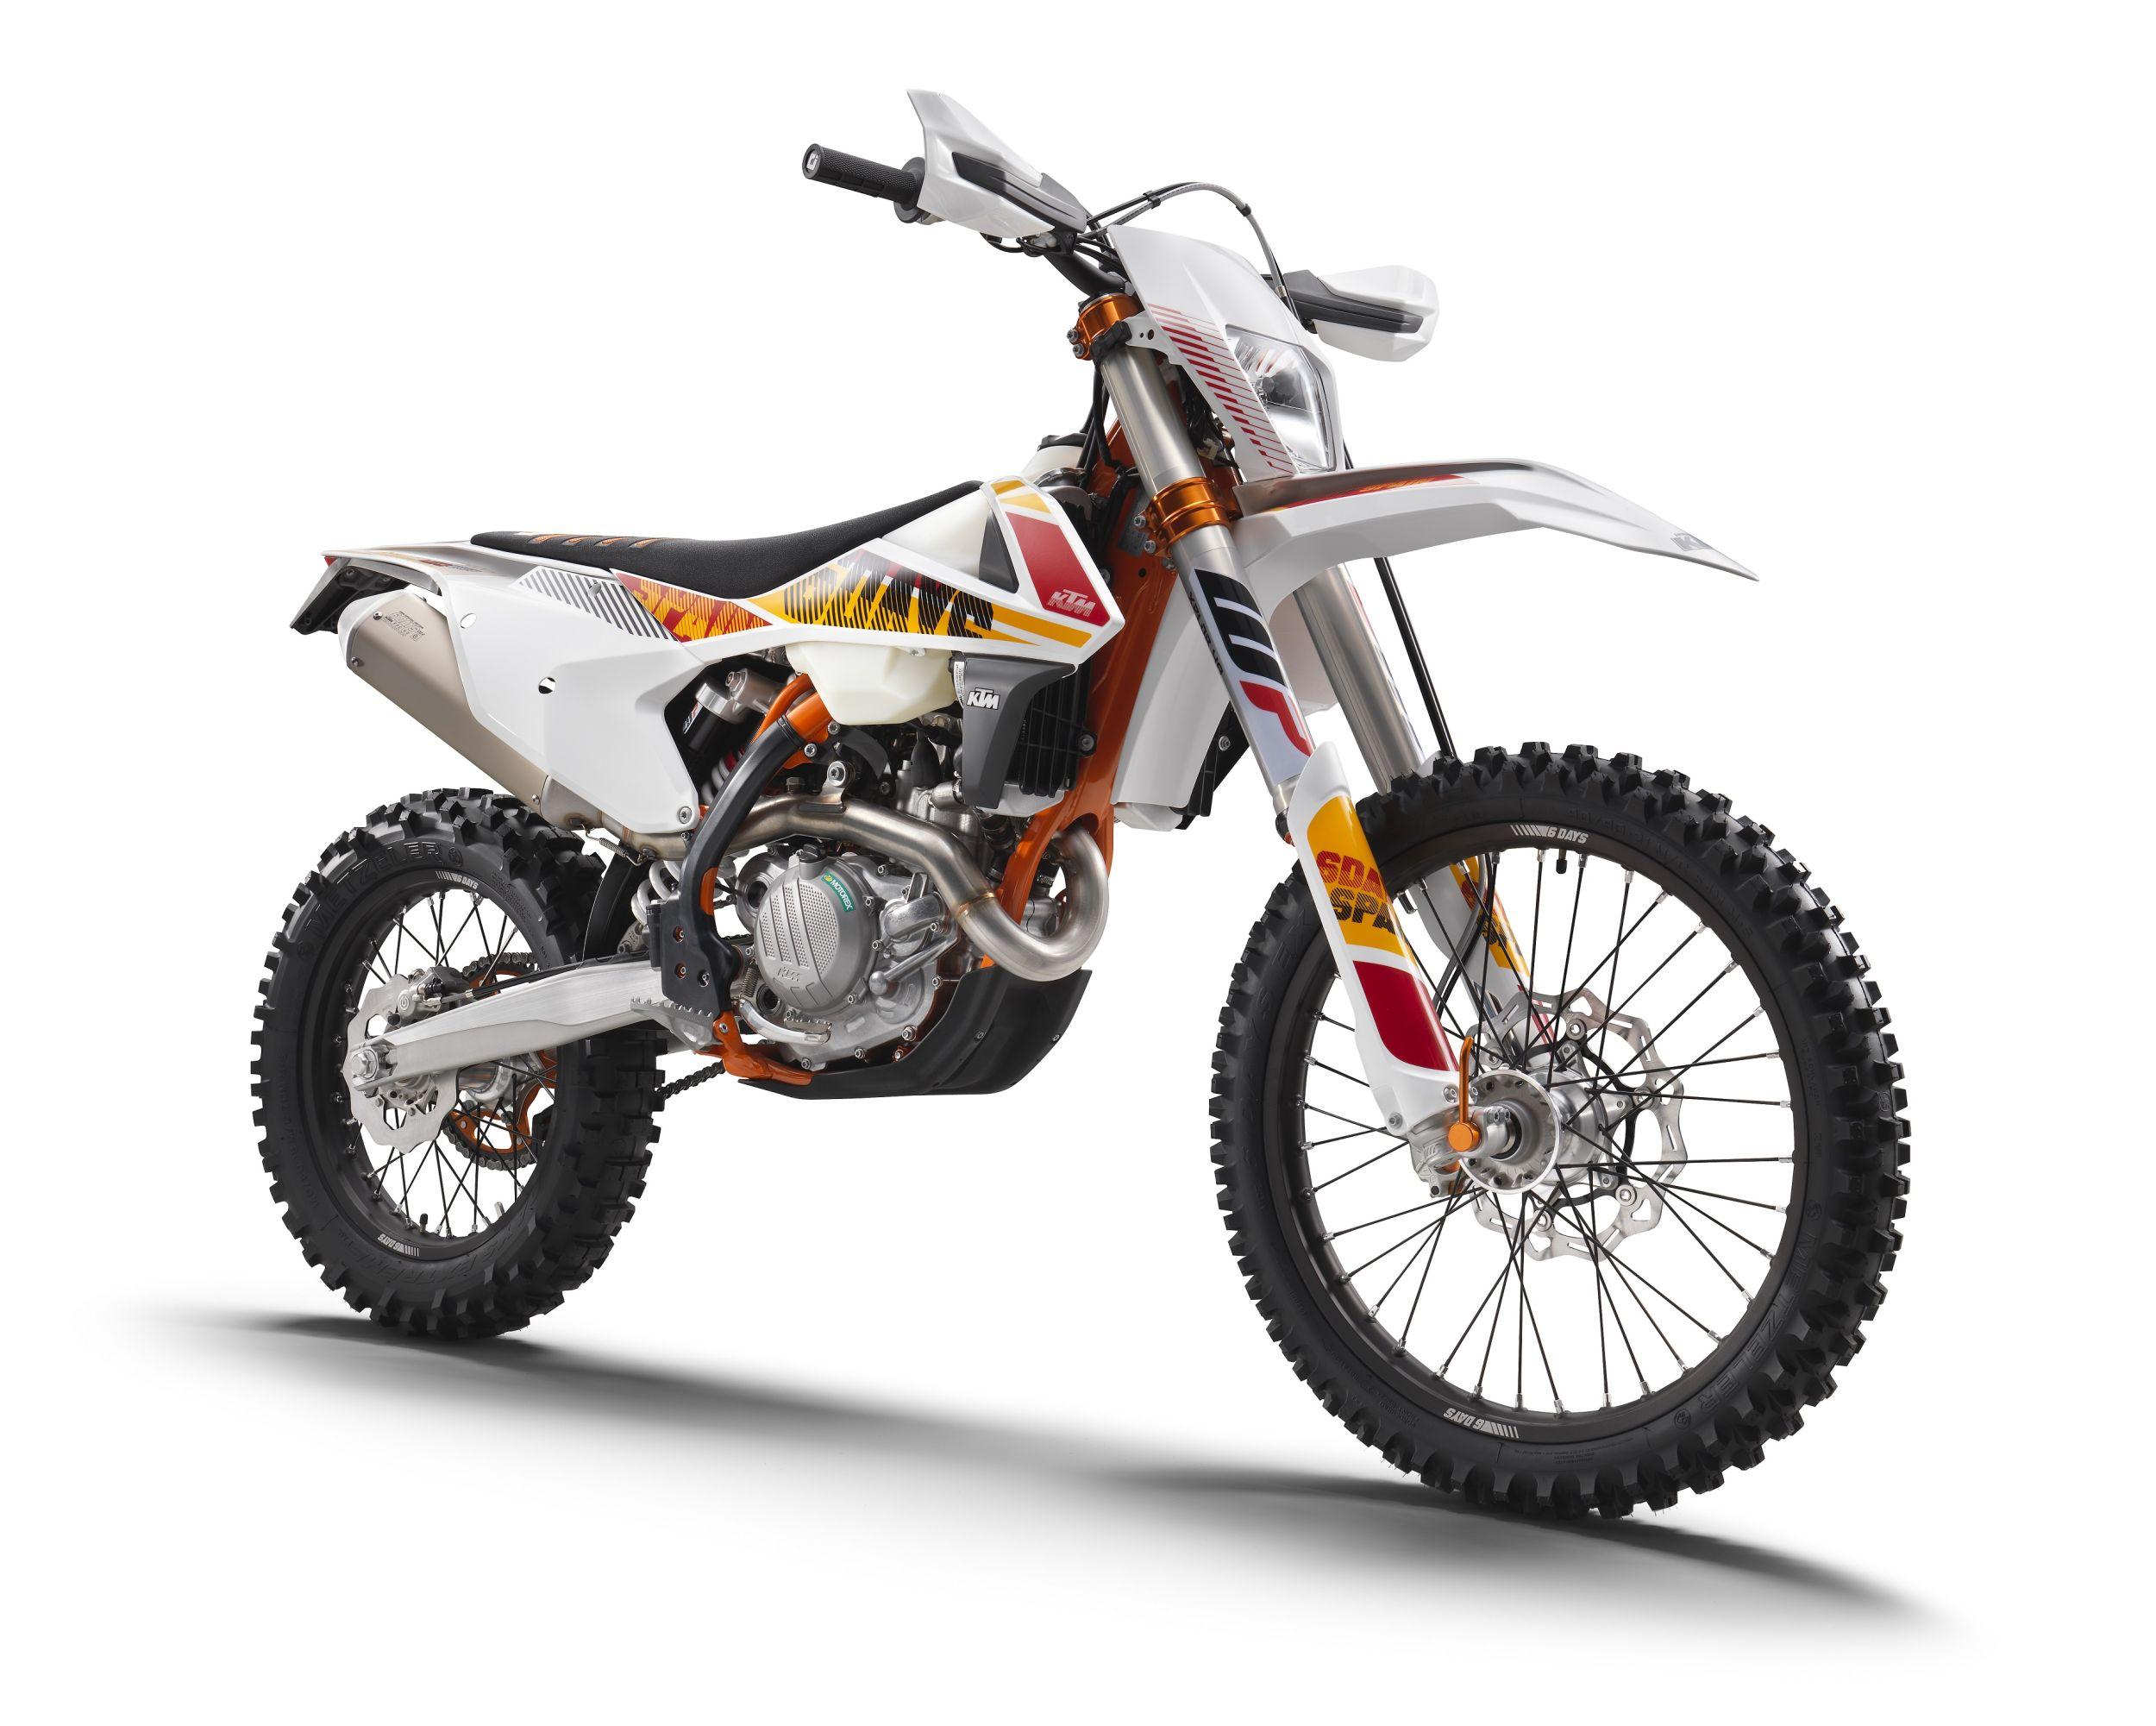 Ktm Freeride E Sm >> Gebrauchte KTM 450 EXC-F Motorräder kaufen